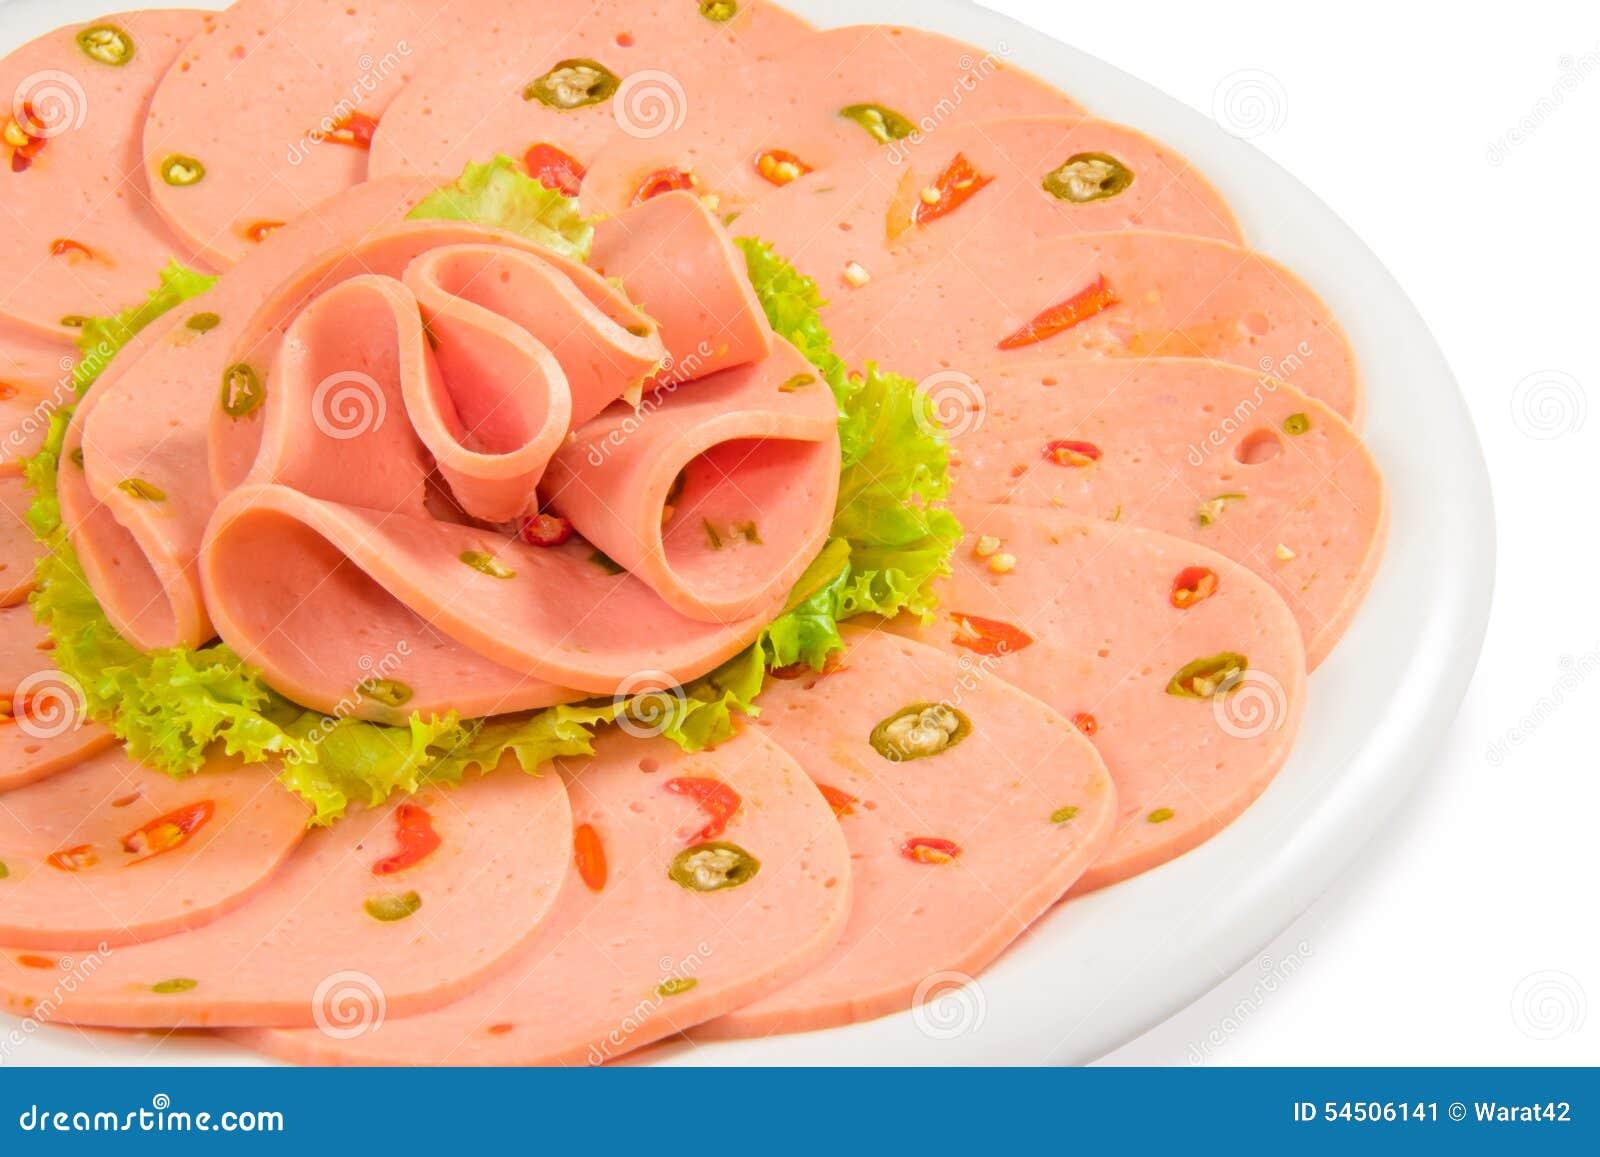 Bologna épicé dans le plat, fond blanc